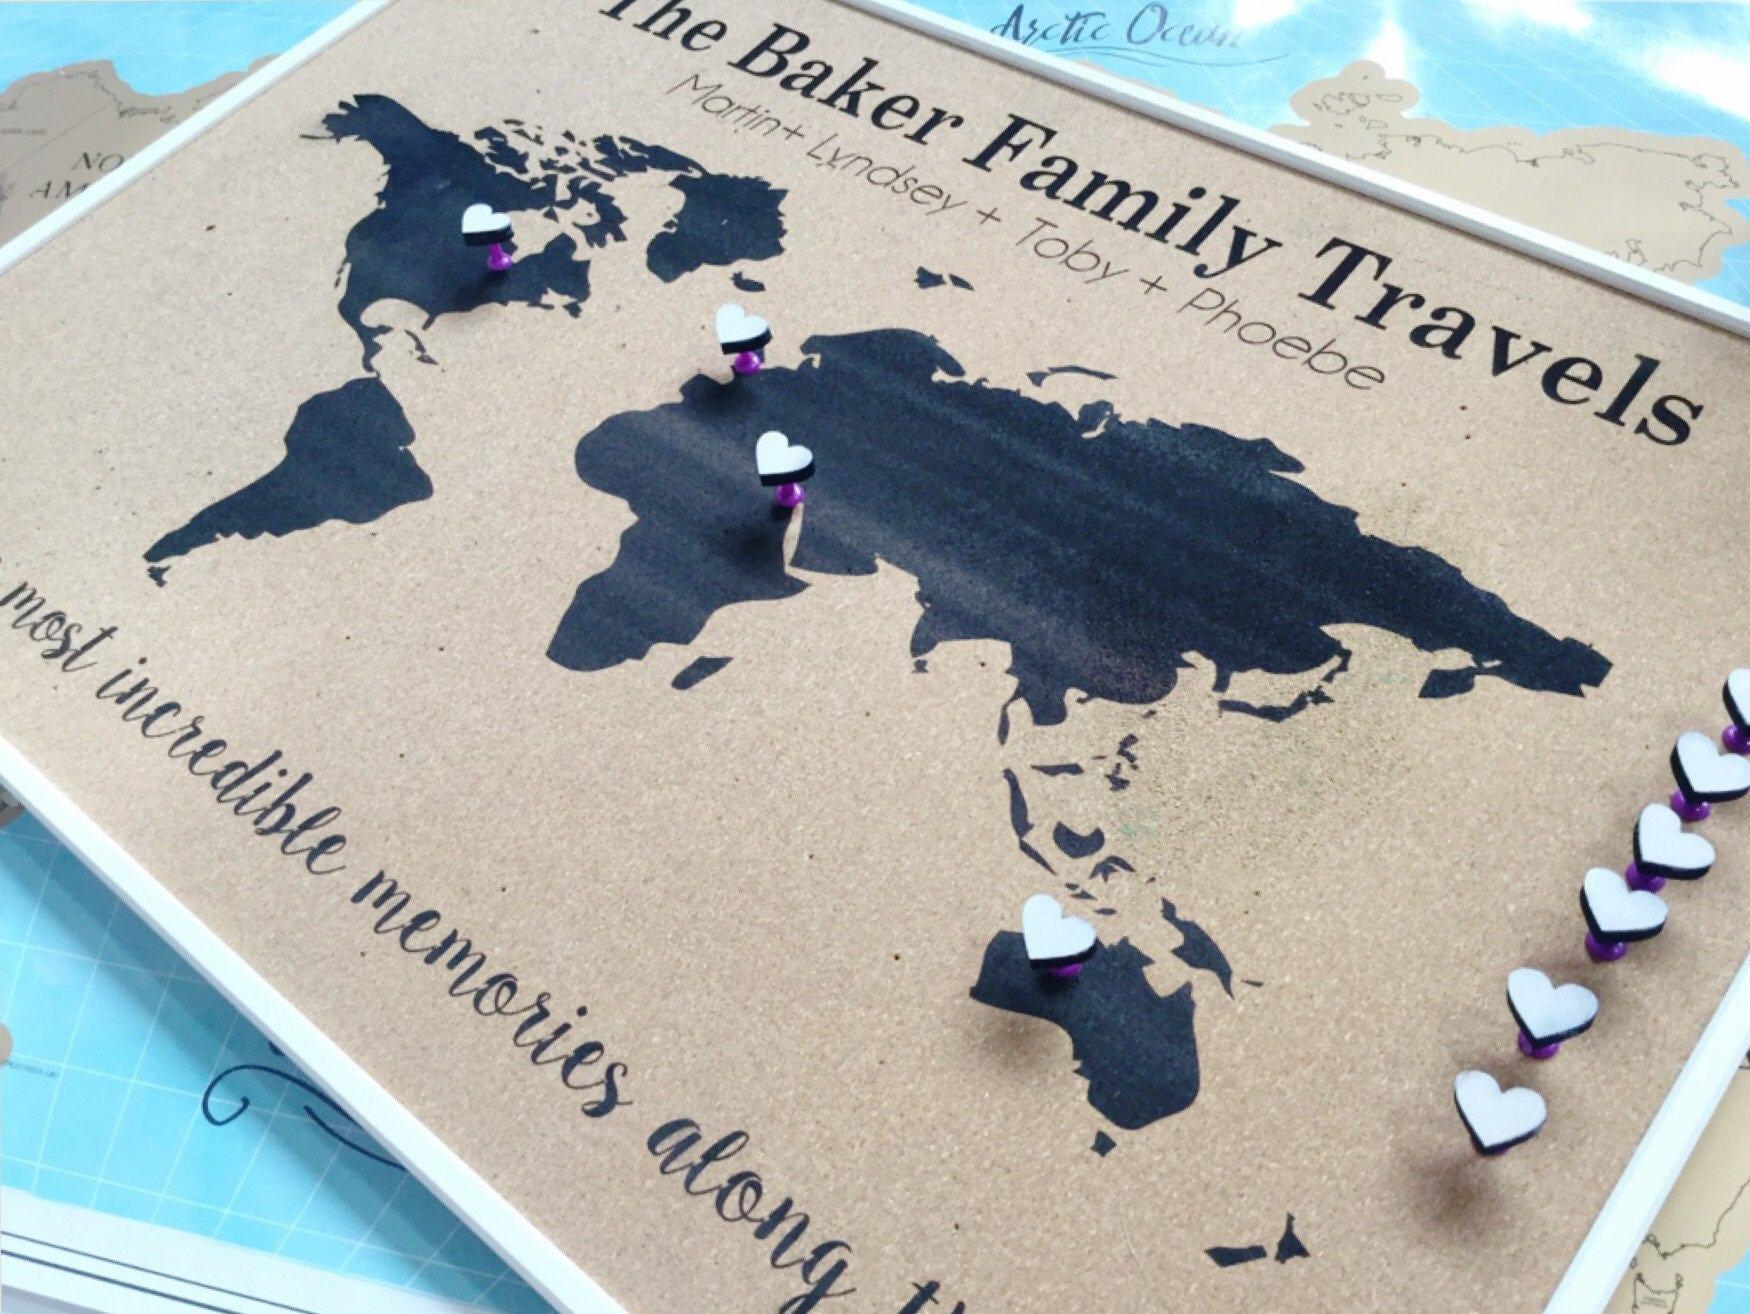 Personalized Anniversary Pushpin World Map.Personalised Push Pin World Map Cork Board Map Anniversary Gift